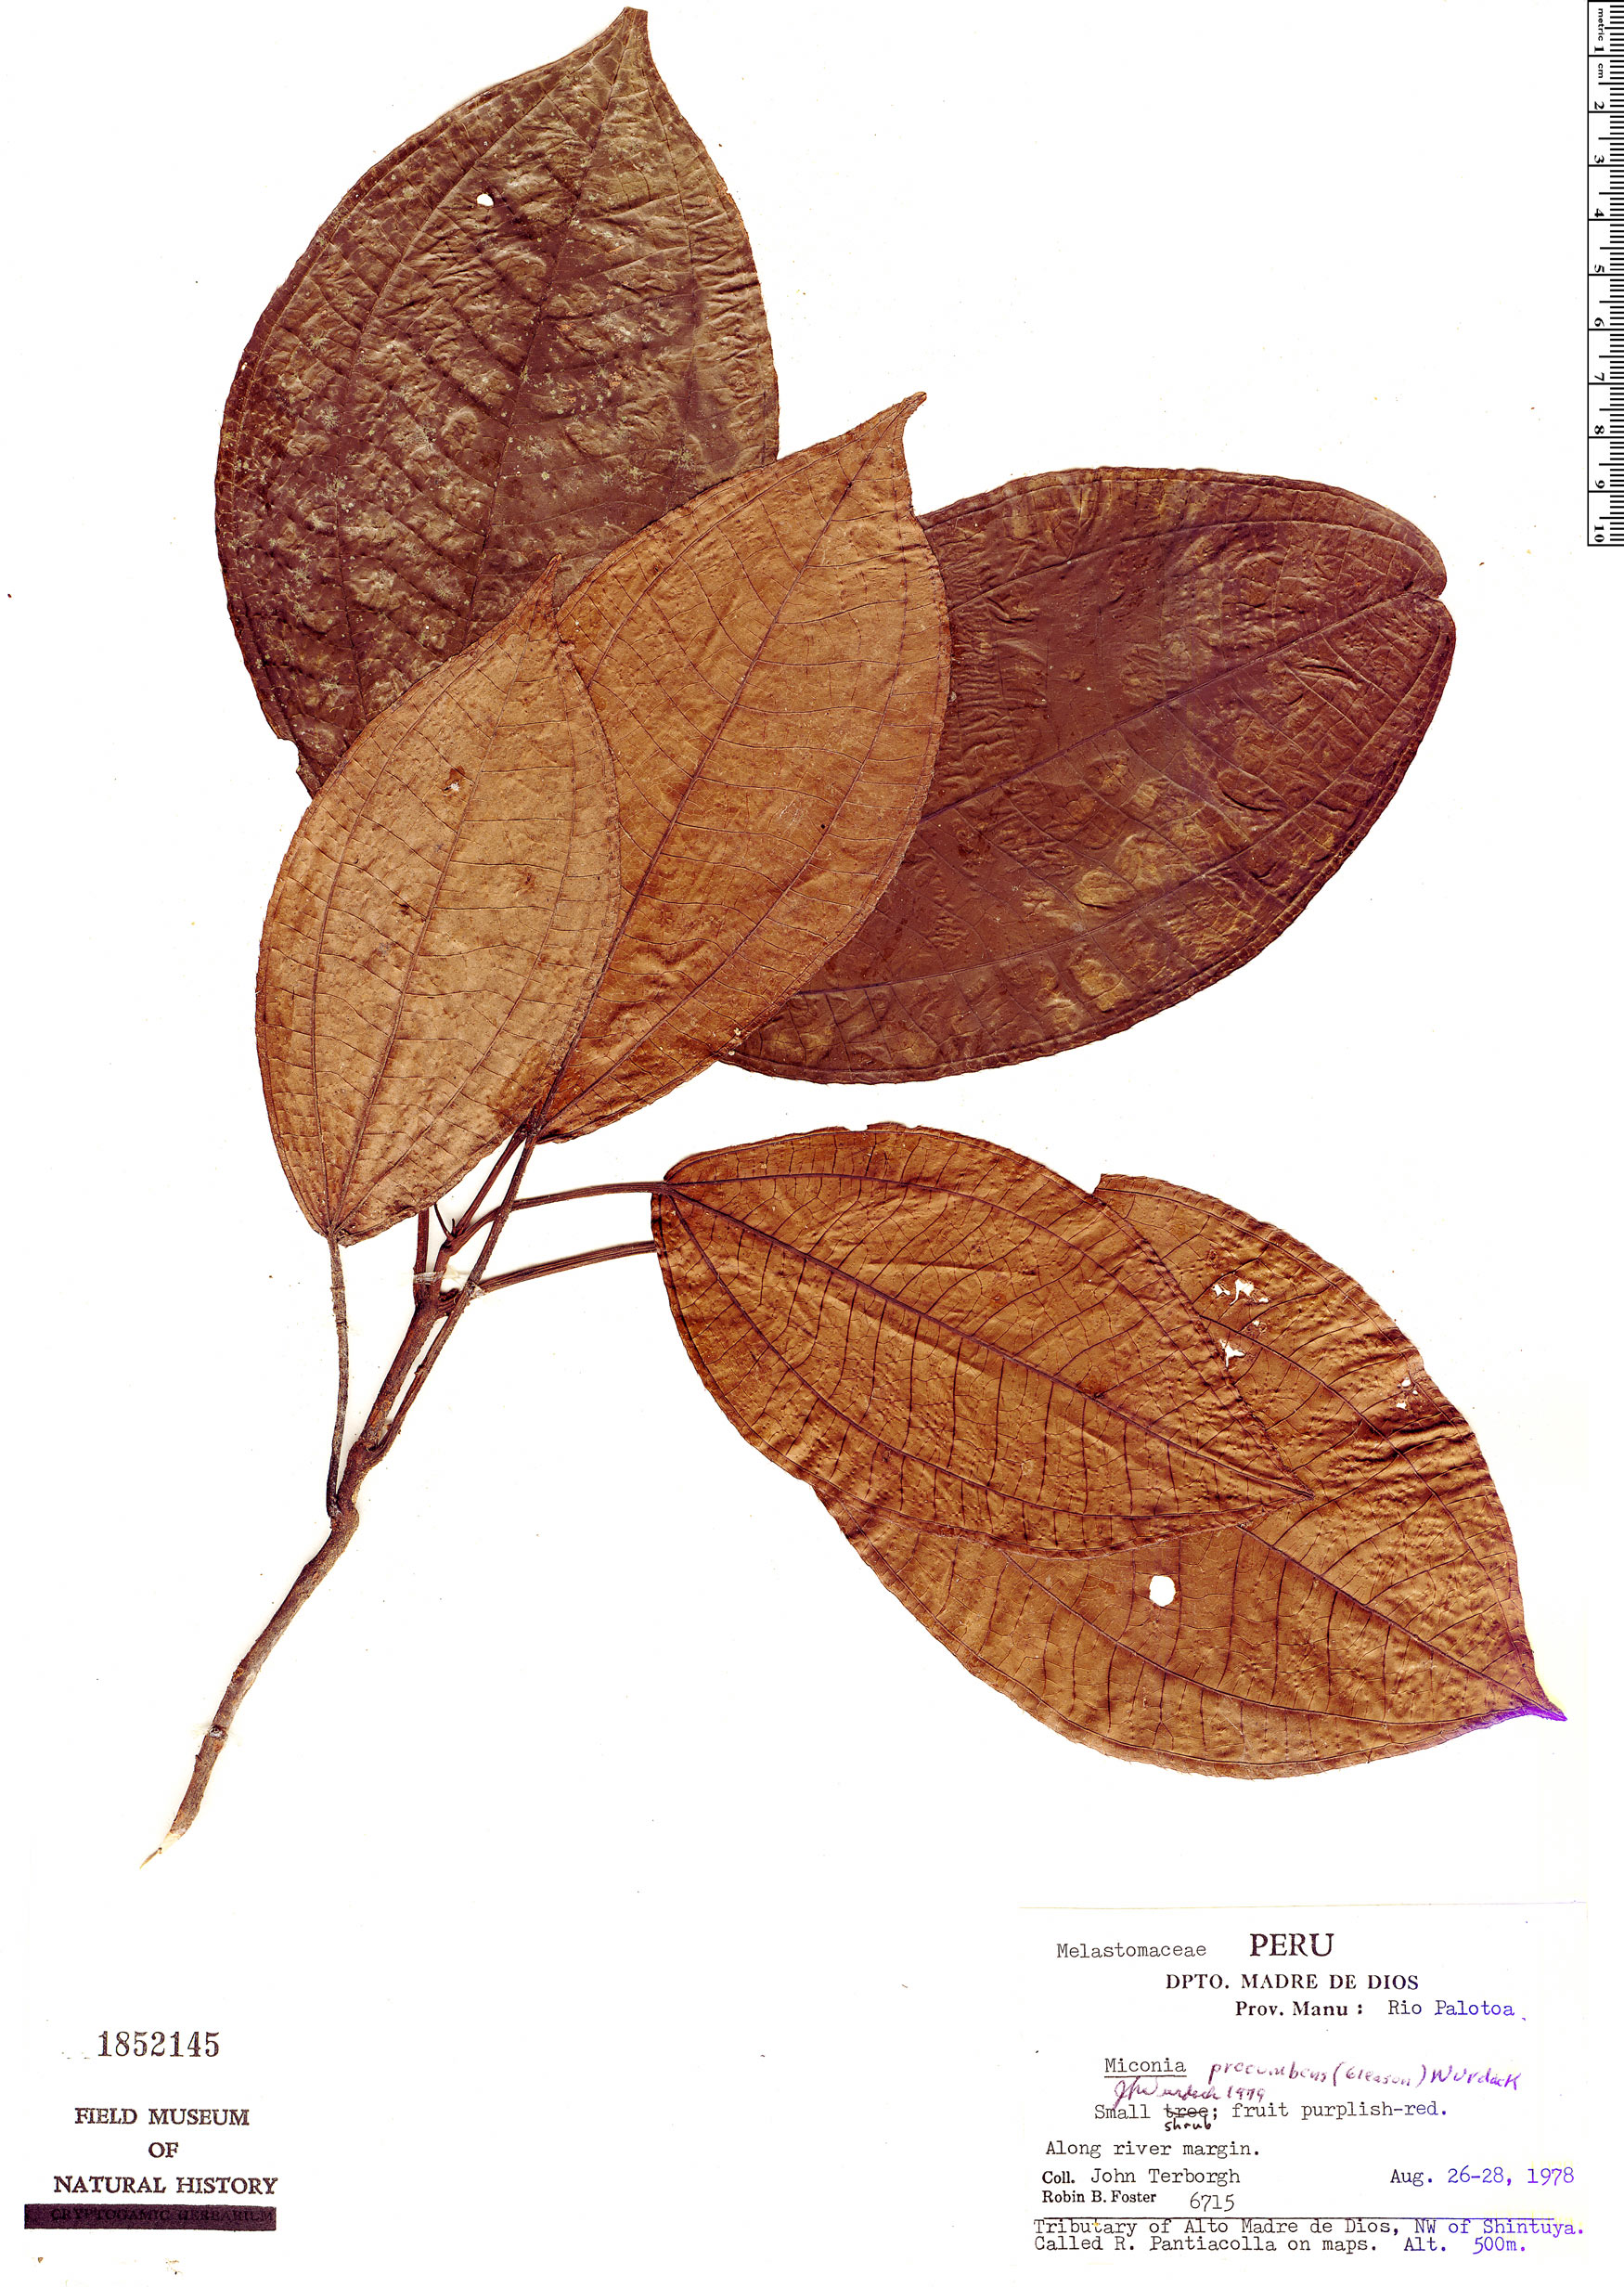 Specimen: Miconia procumbens